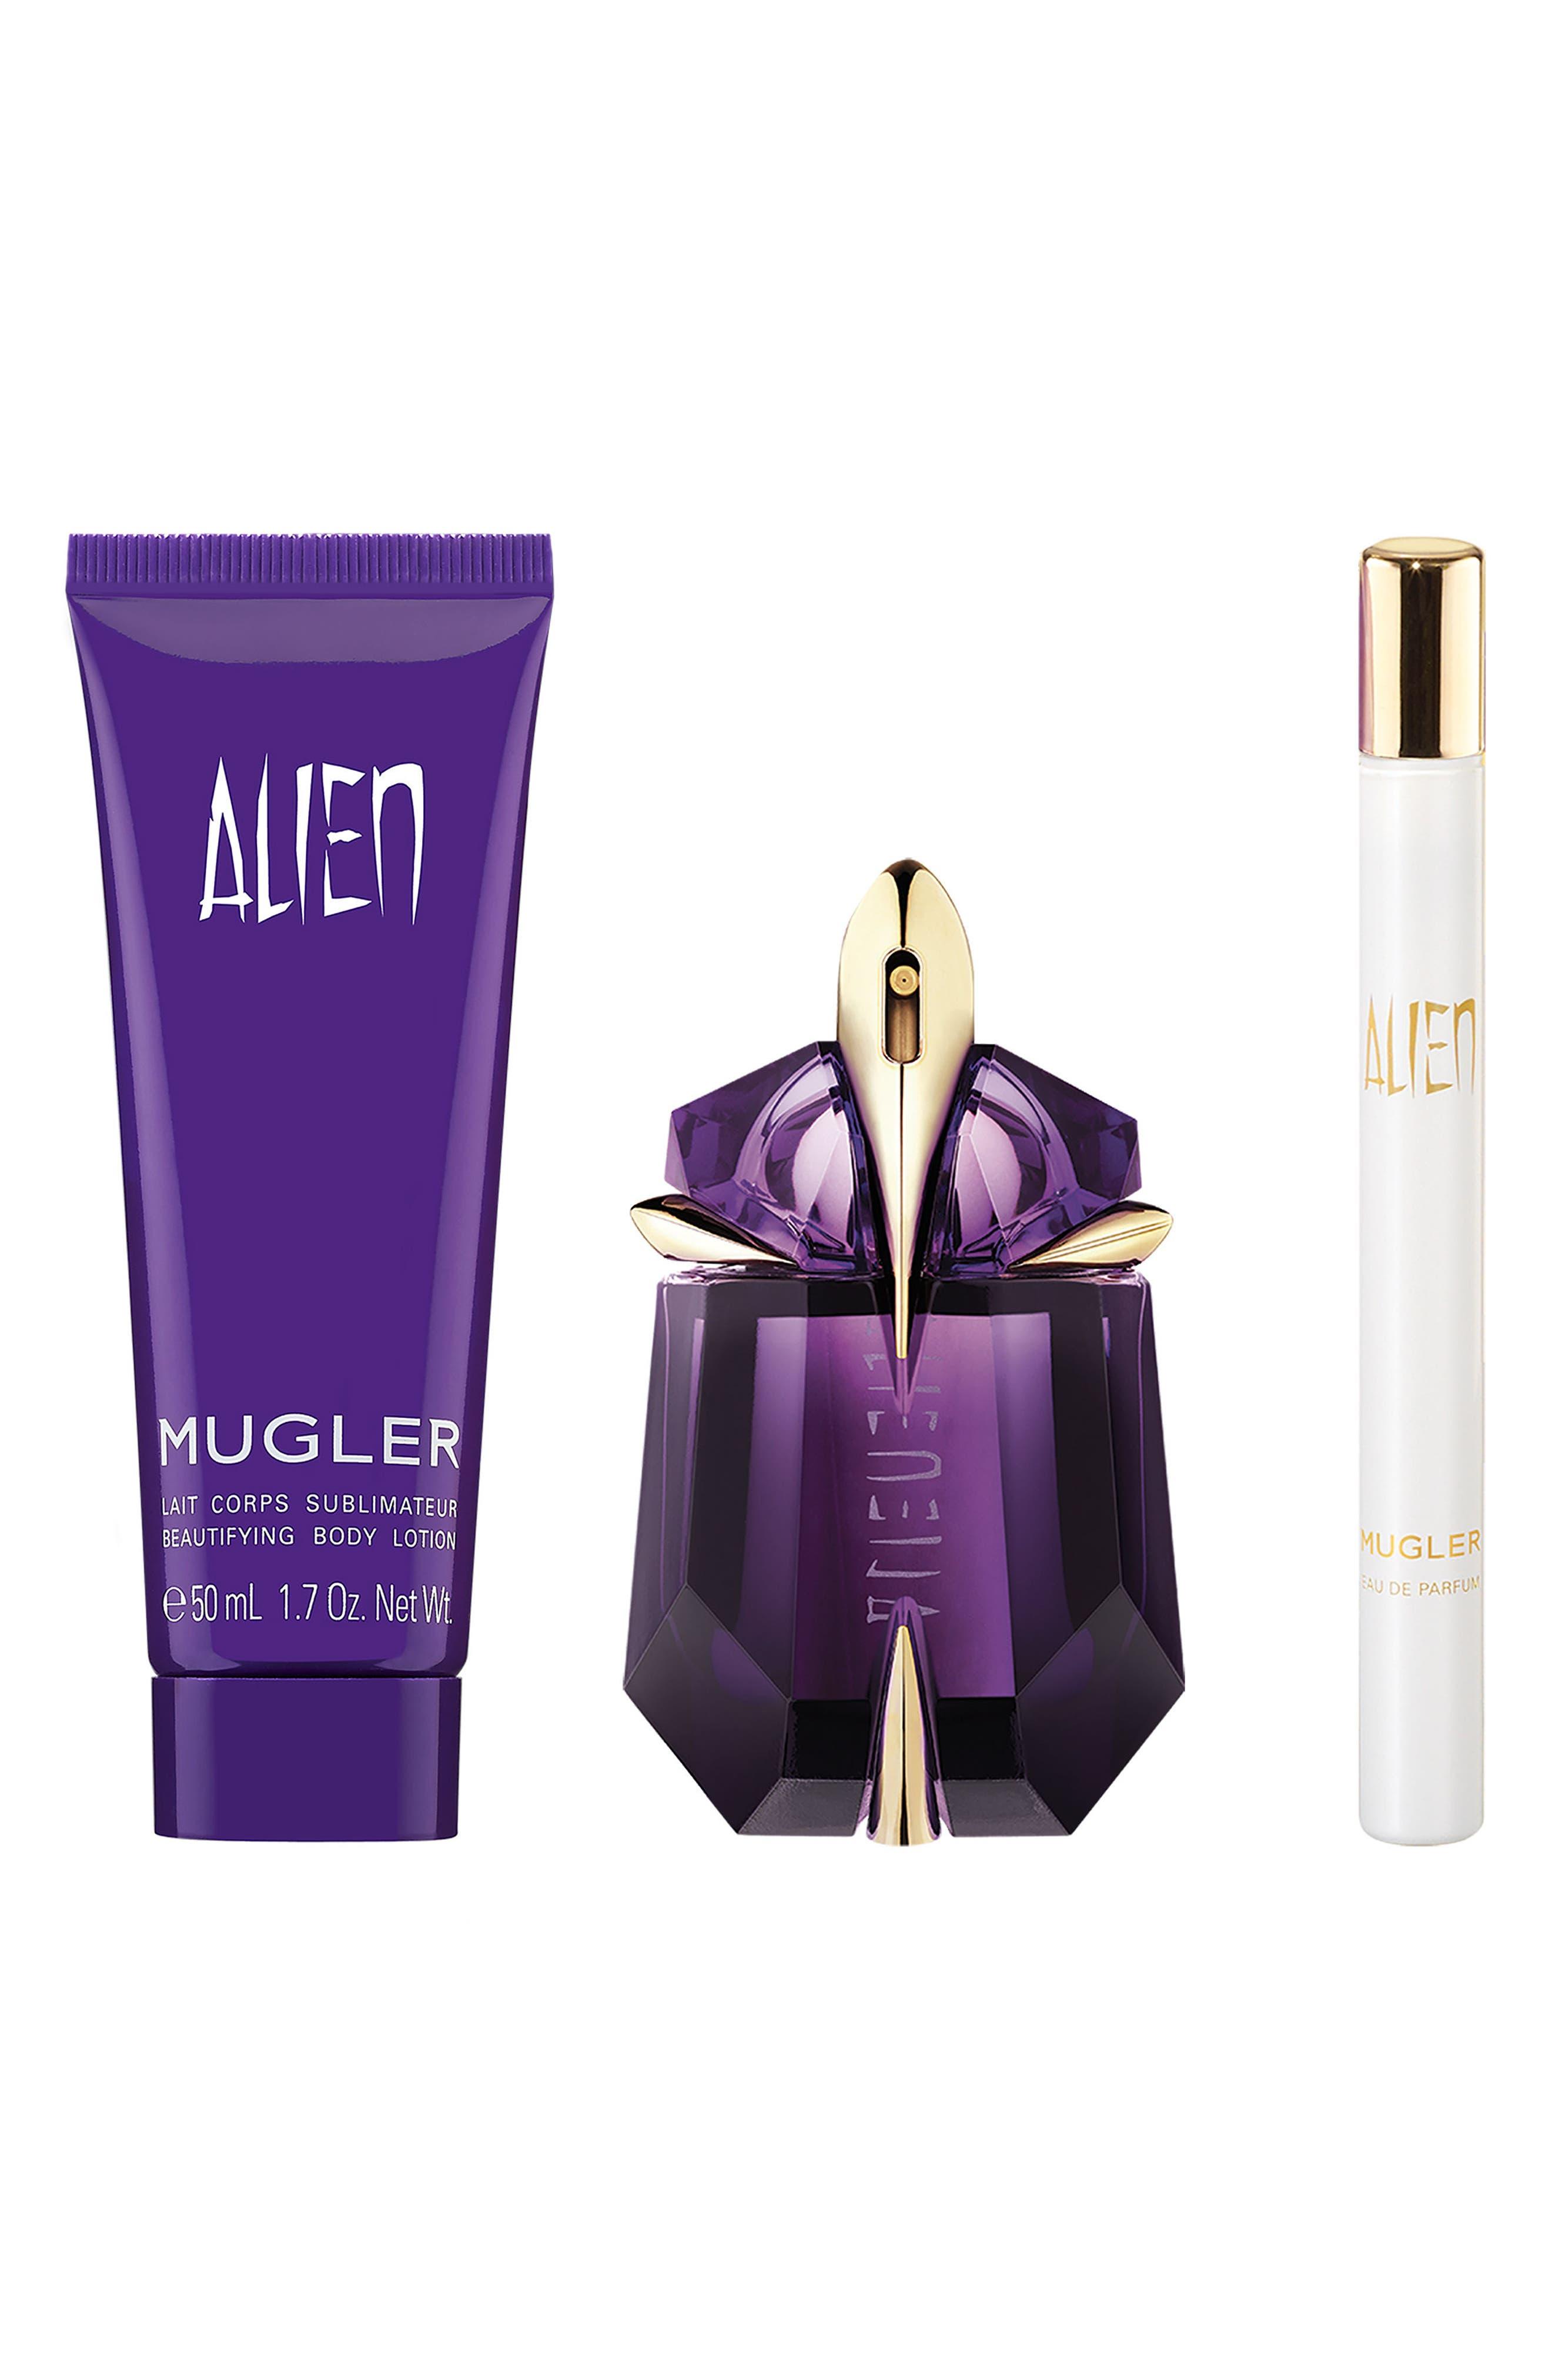 Alien by Mugler Eau de Parfum Set ($120 Value)